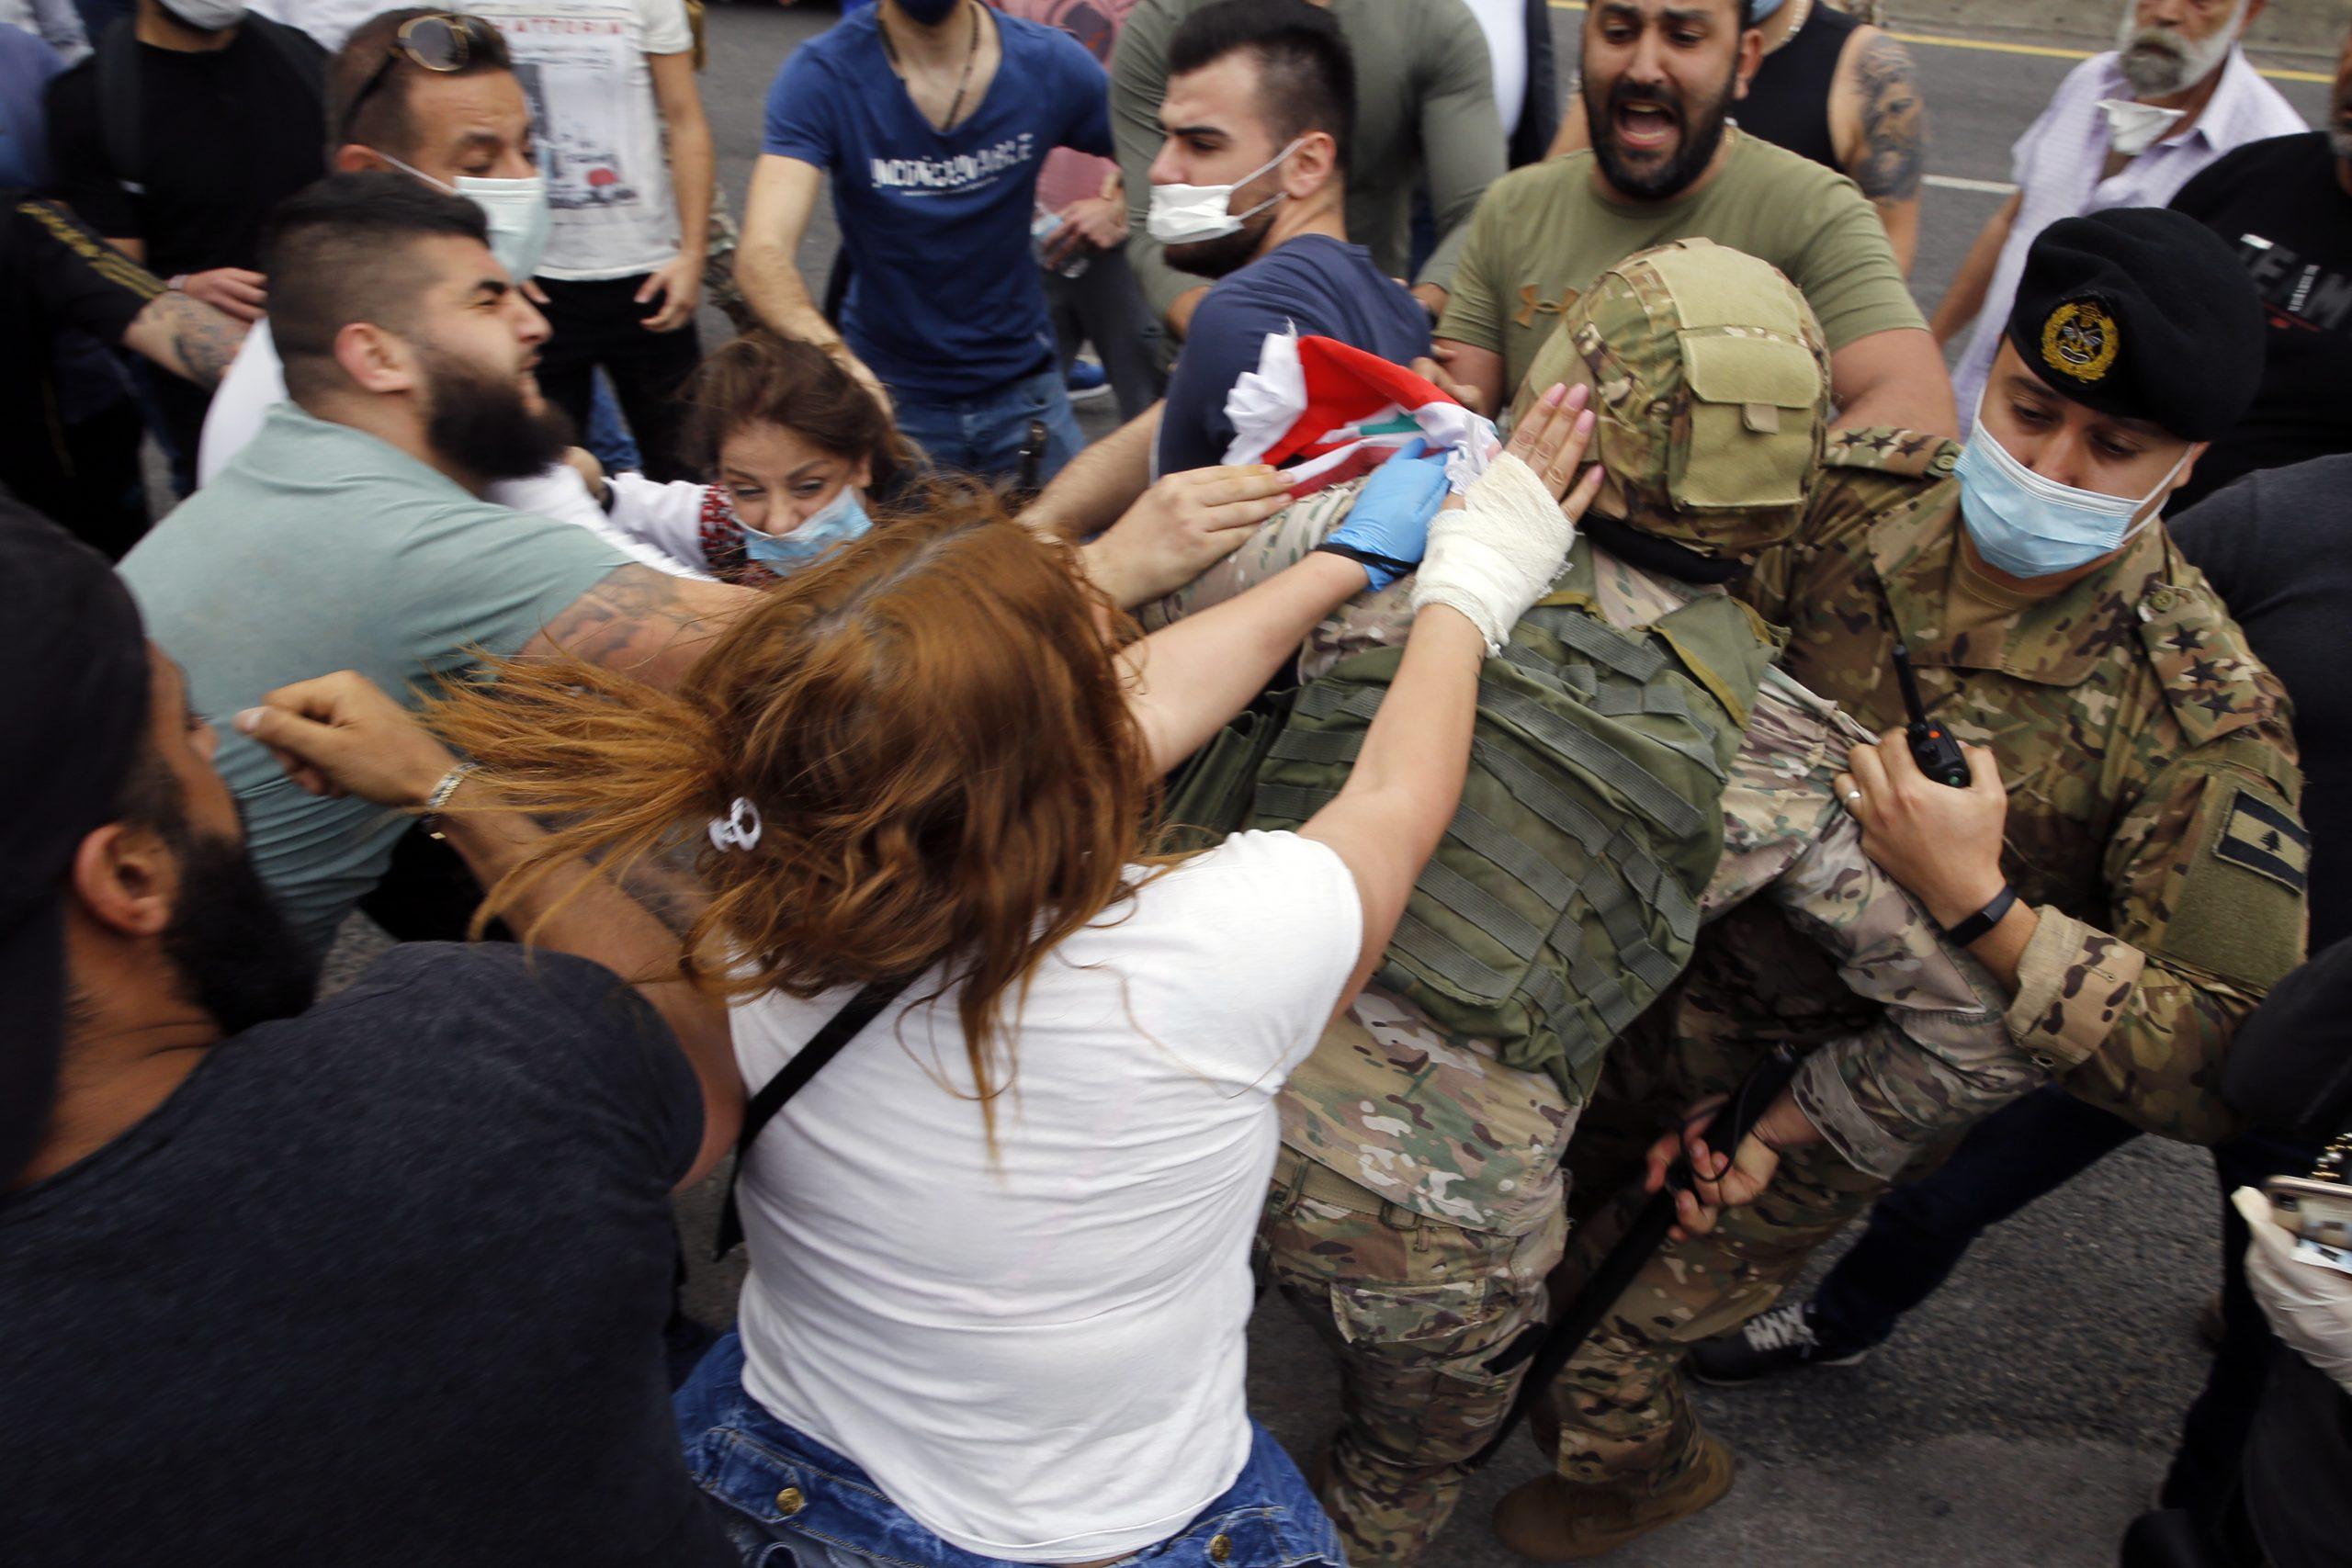 Zbog poskupljenja hrane i pada vrednosti novca neredi u Libanu 1